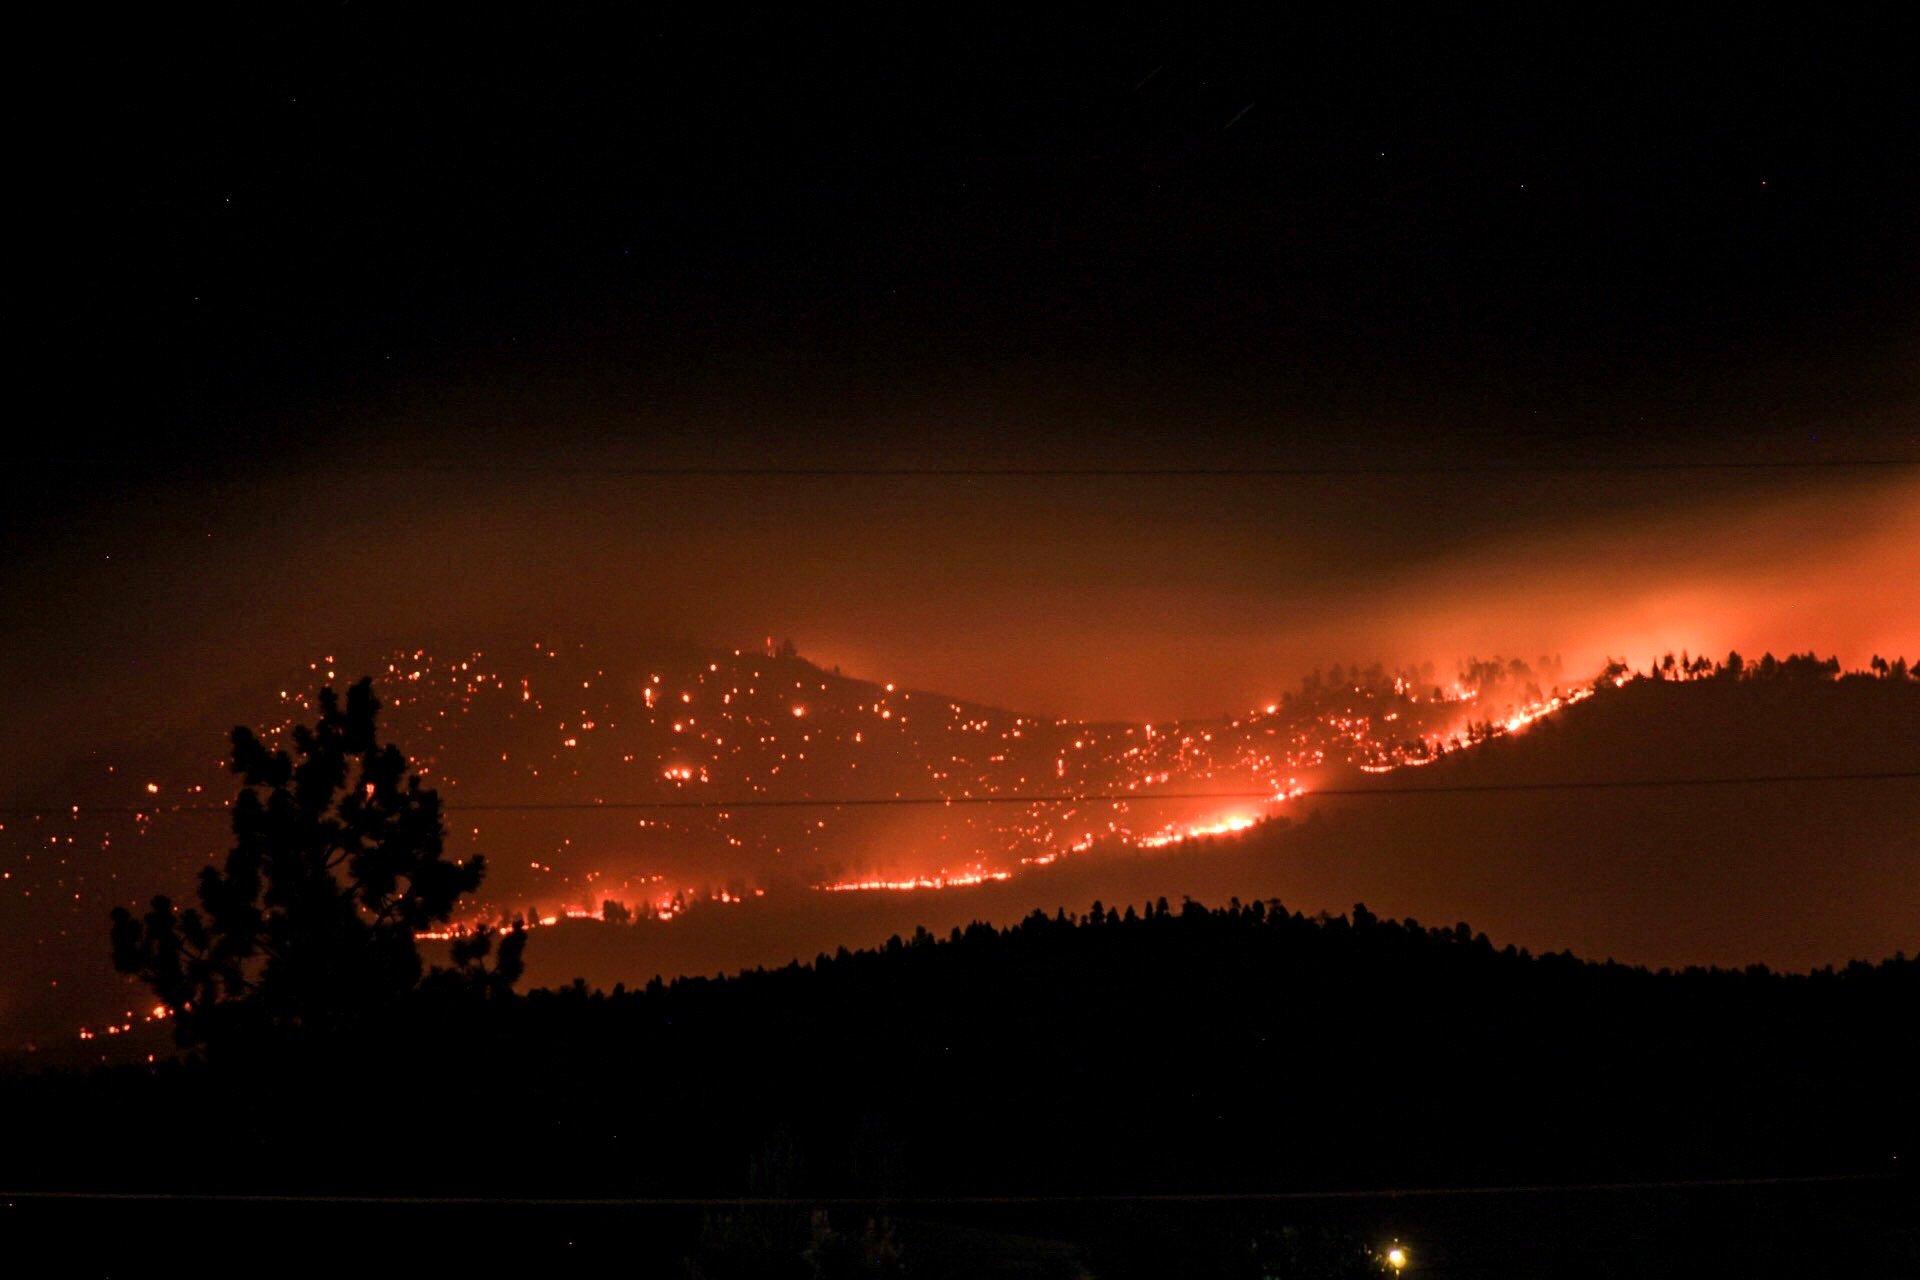 wildfire-near-a-community_t20_RzrJod